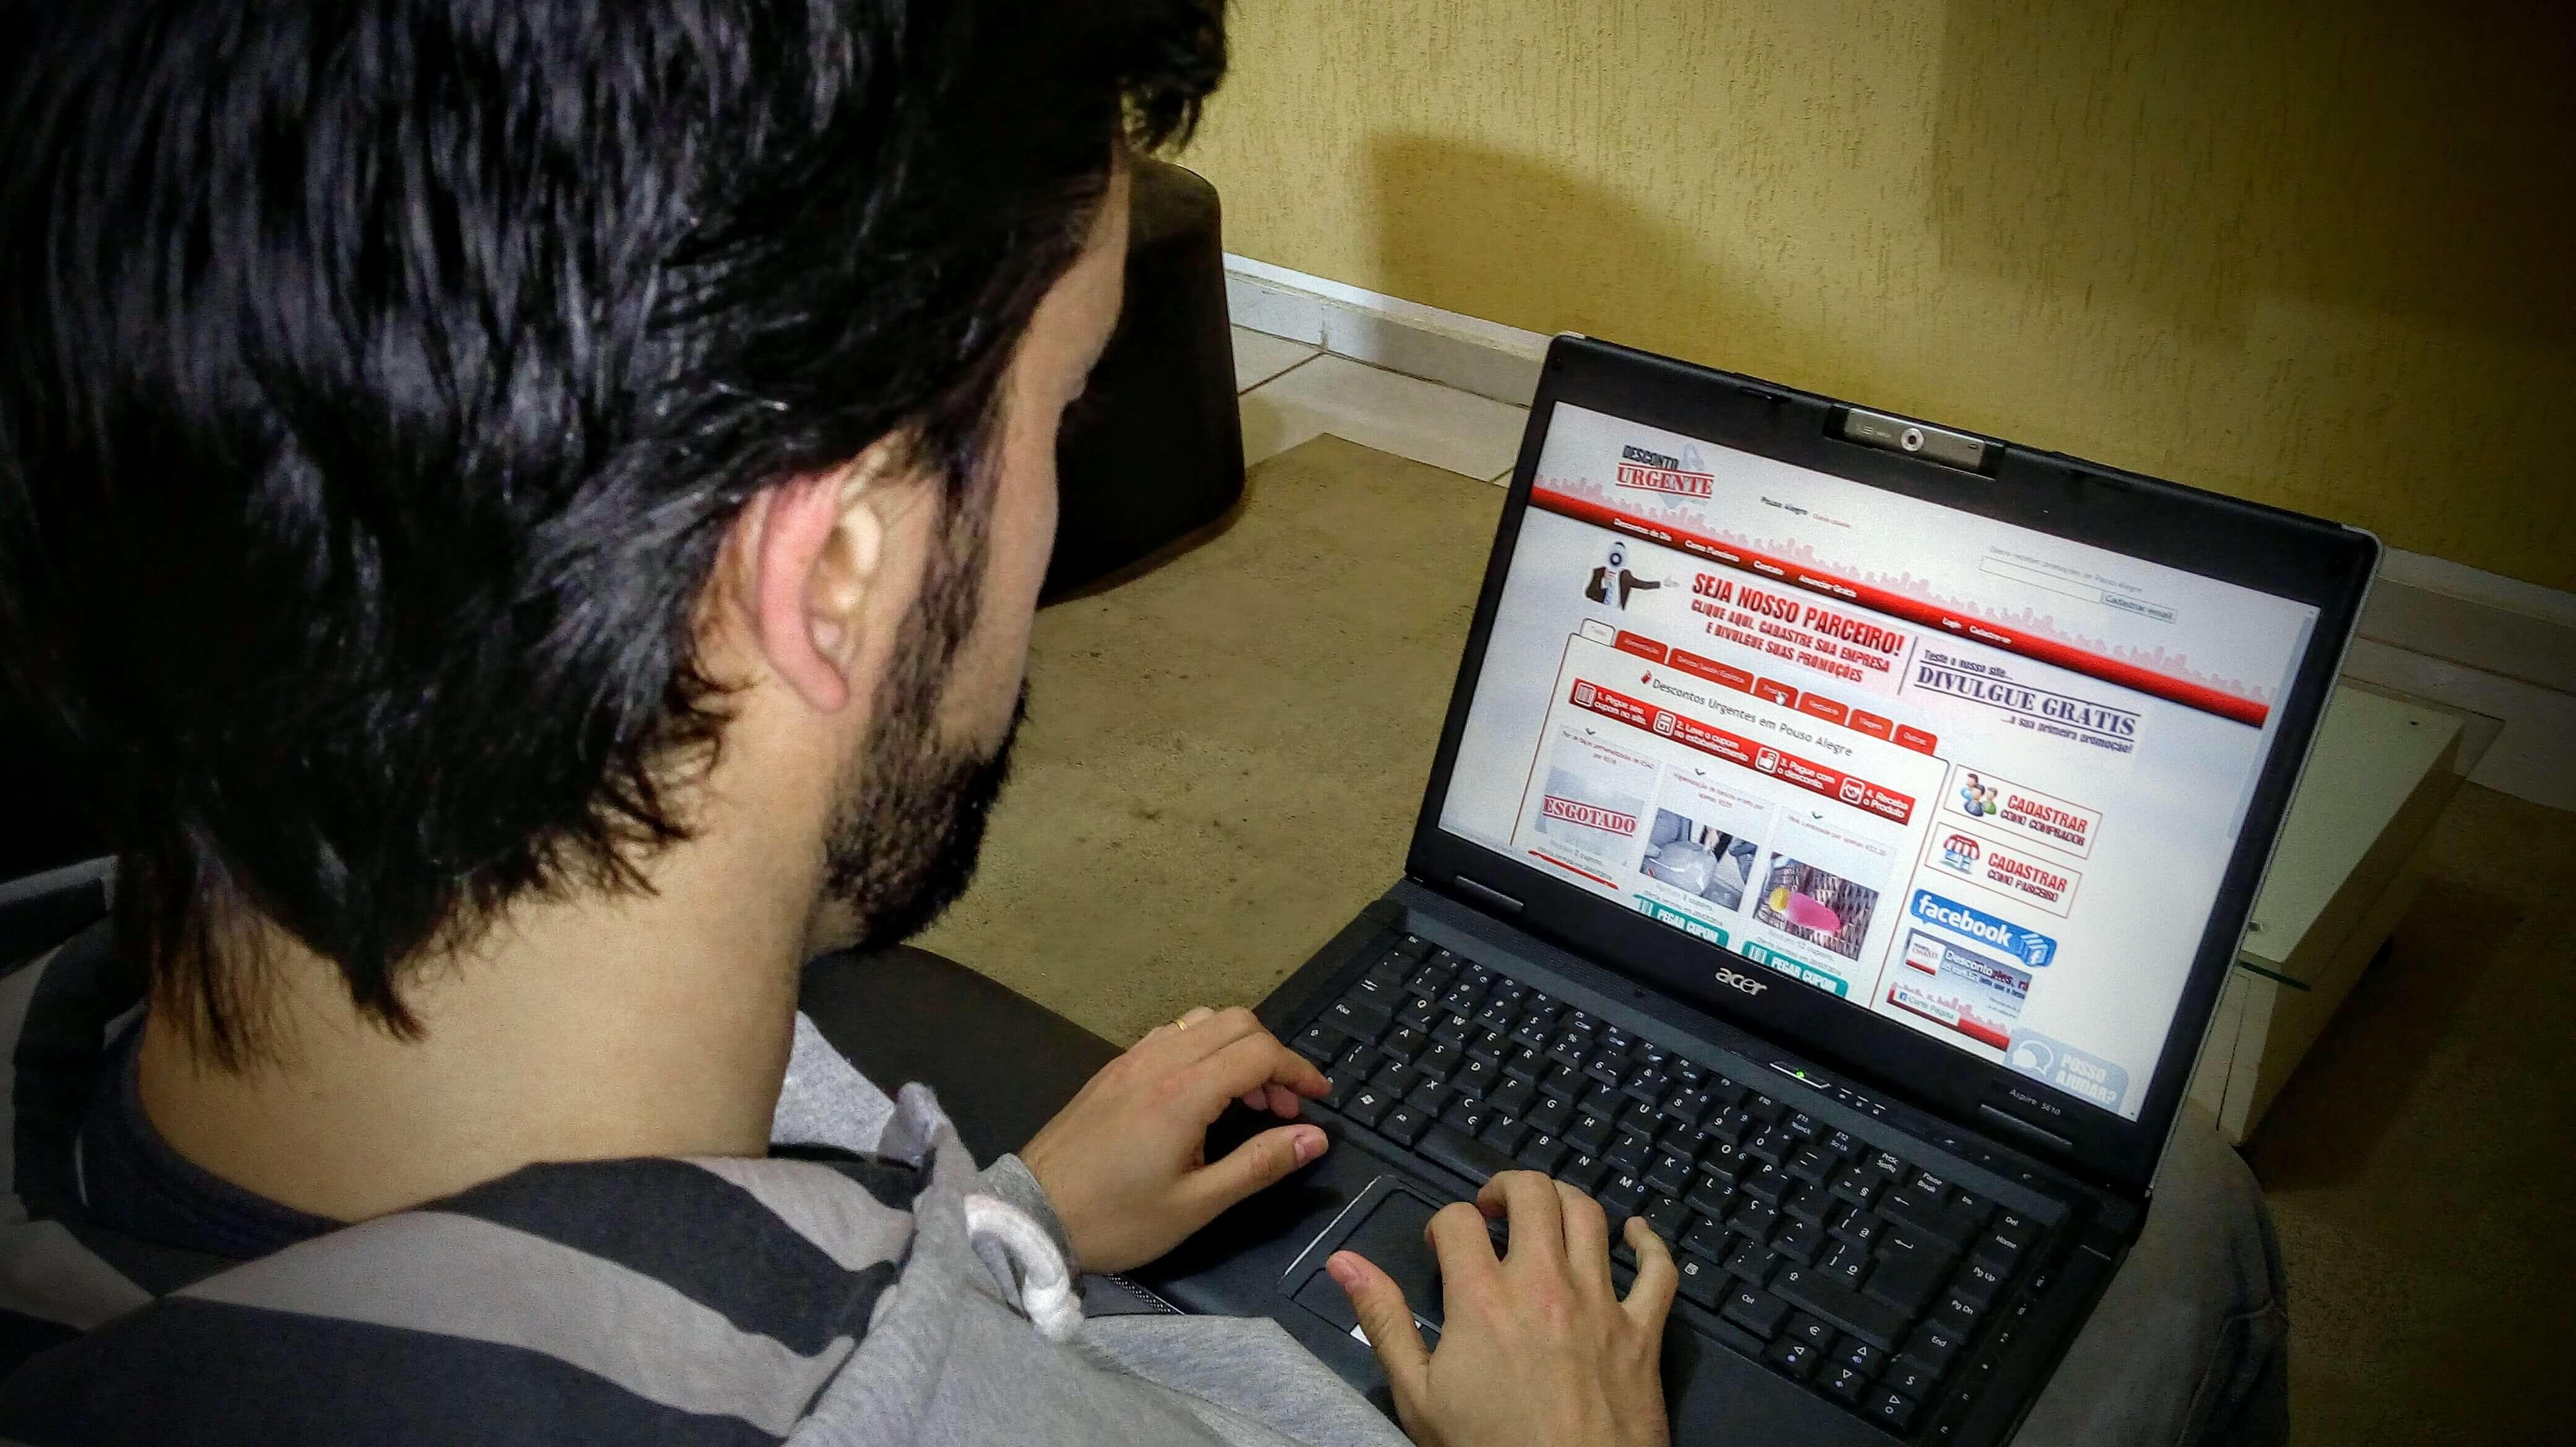 No site, consumidor encontra diversos cupons de desconto (Foto: Divulgação)